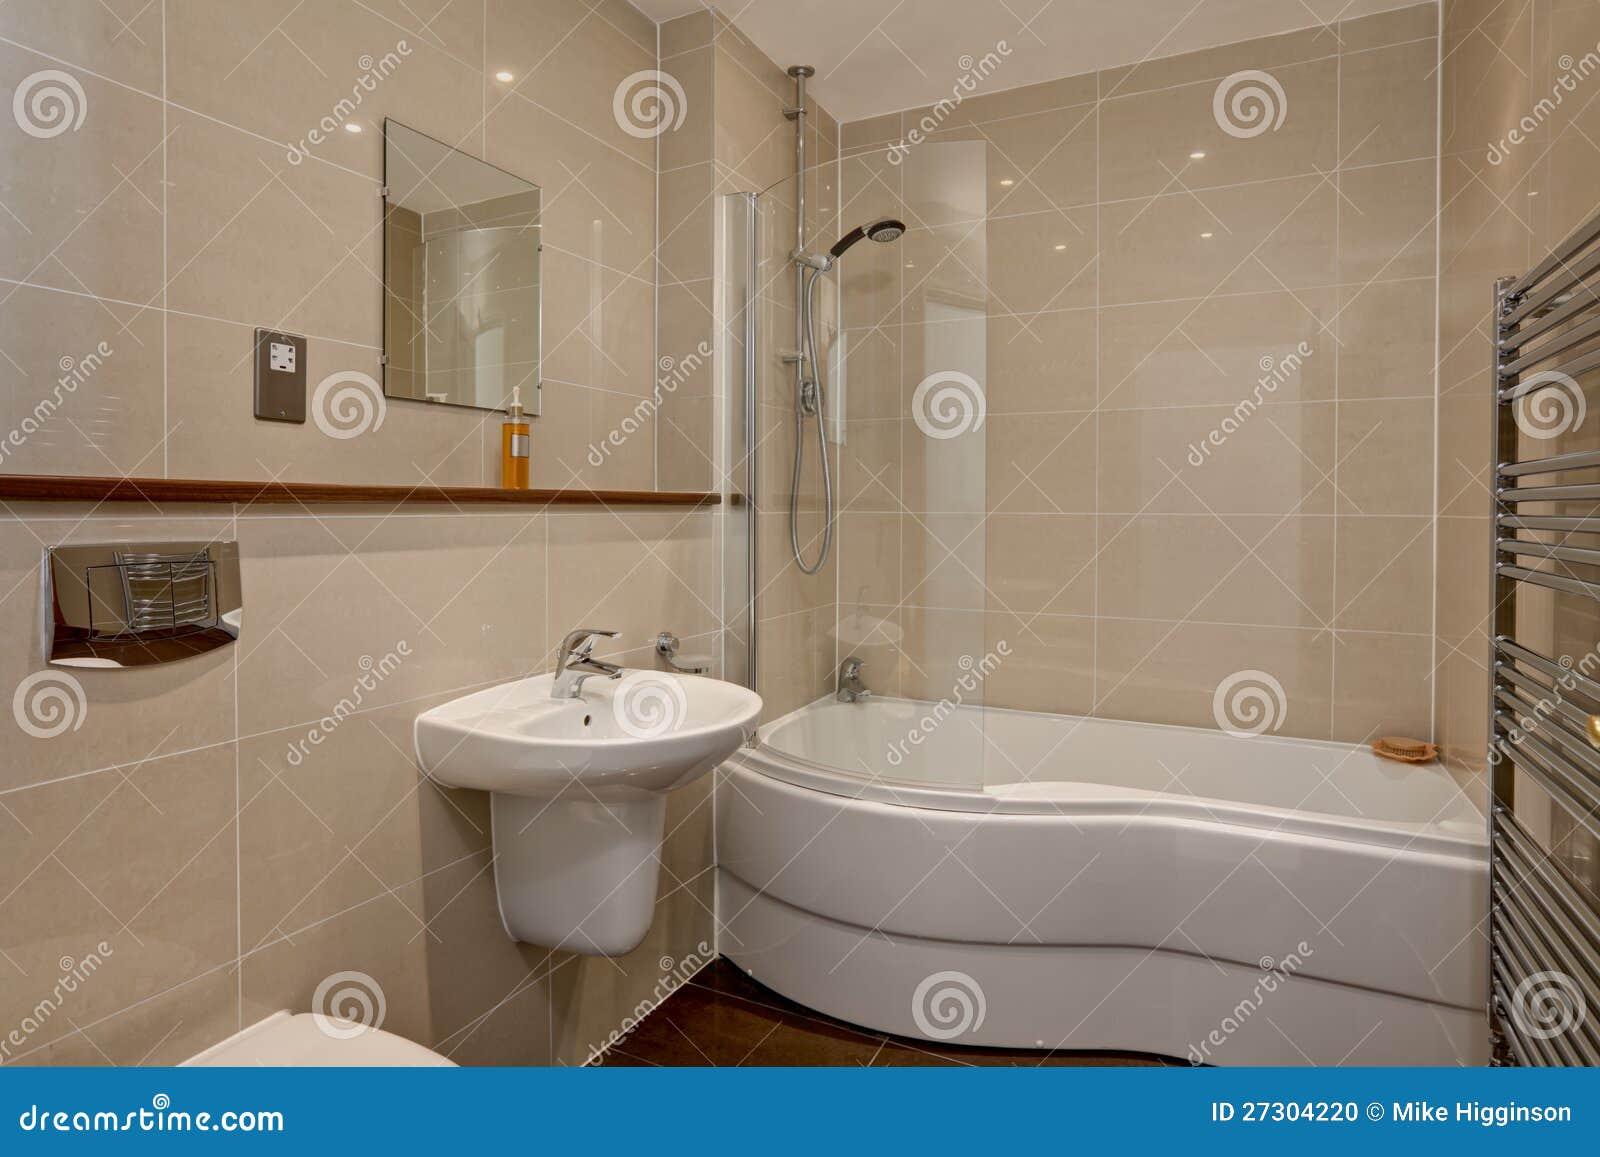 Moderne luxe betegelde badkamers stock foto afbeelding 27304220 - Gemeubleerde salle de bains ontwerp ...